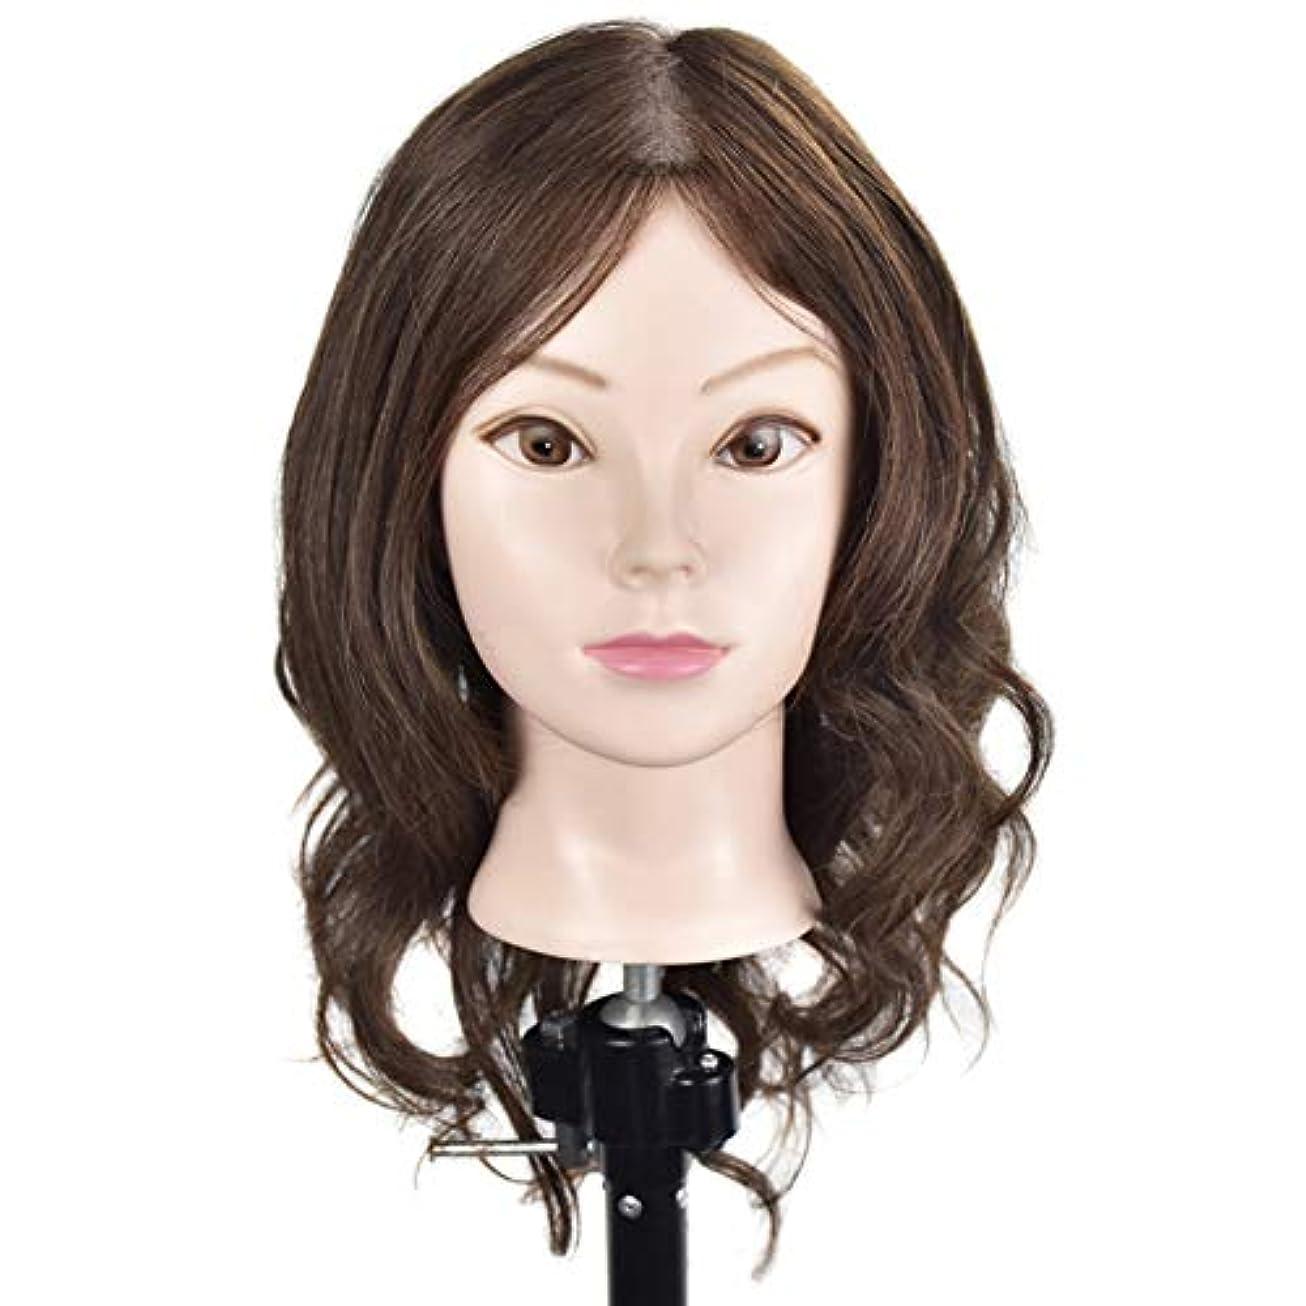 土曜日崖マント専門の練習ホット染色漂白はさみモデリングマネキン髪編組髪かつら女性モデルティーチングヘッド